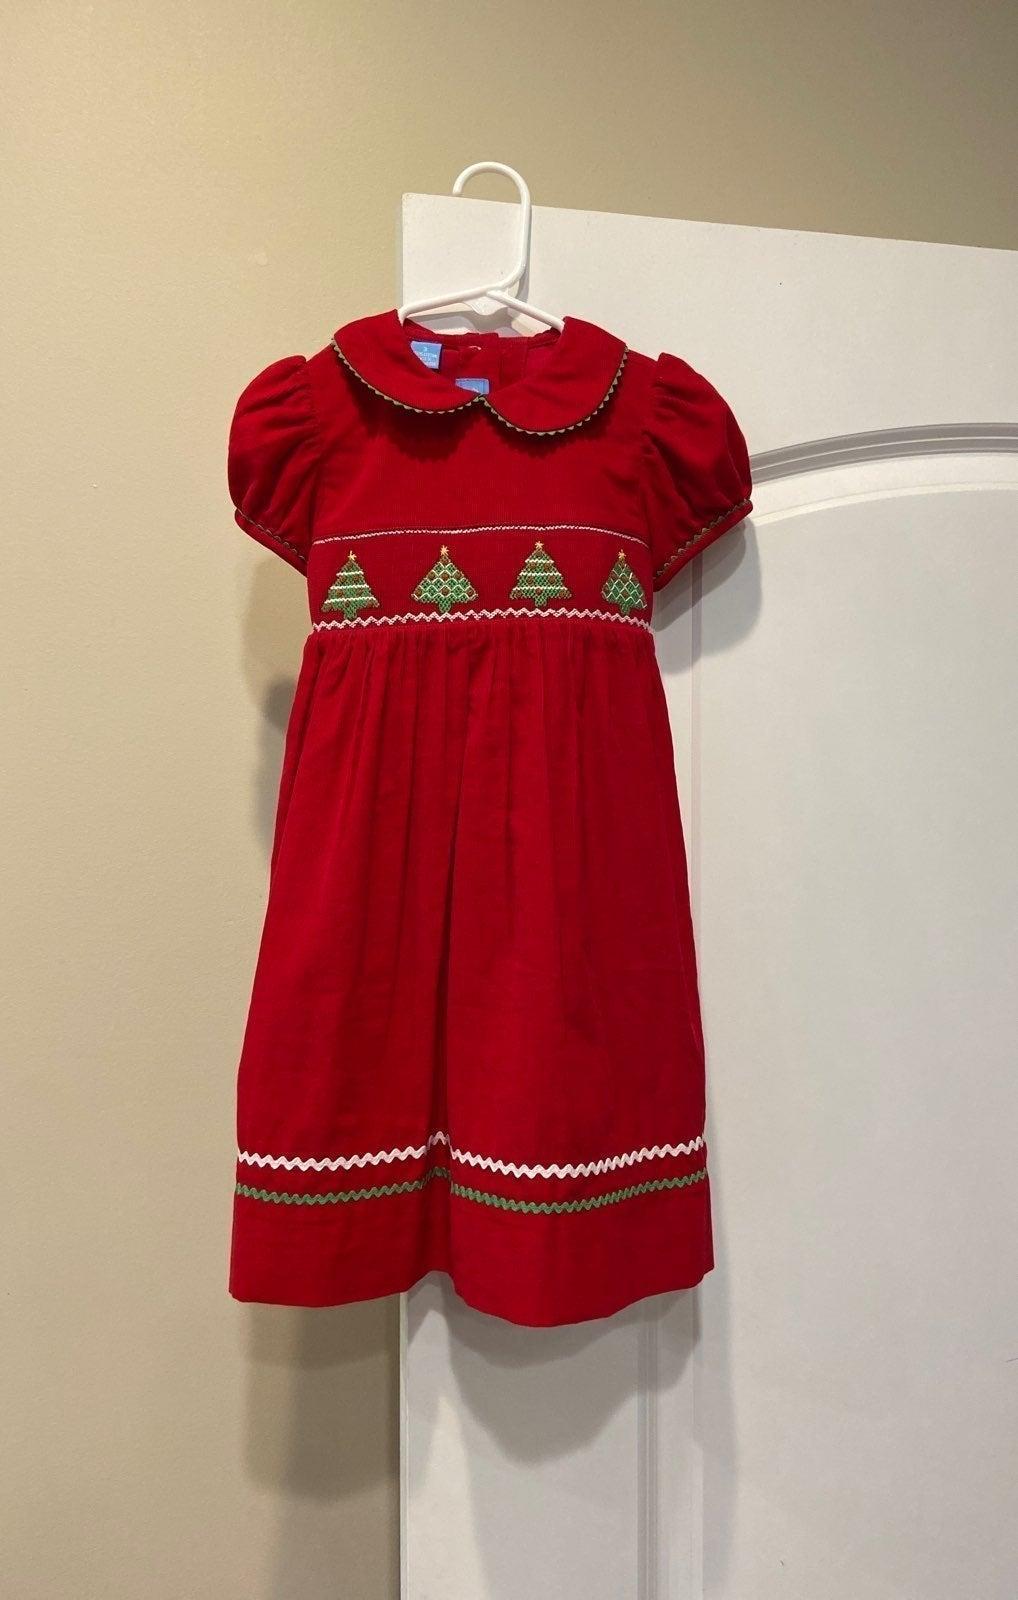 Smocked Christmas Dress 3